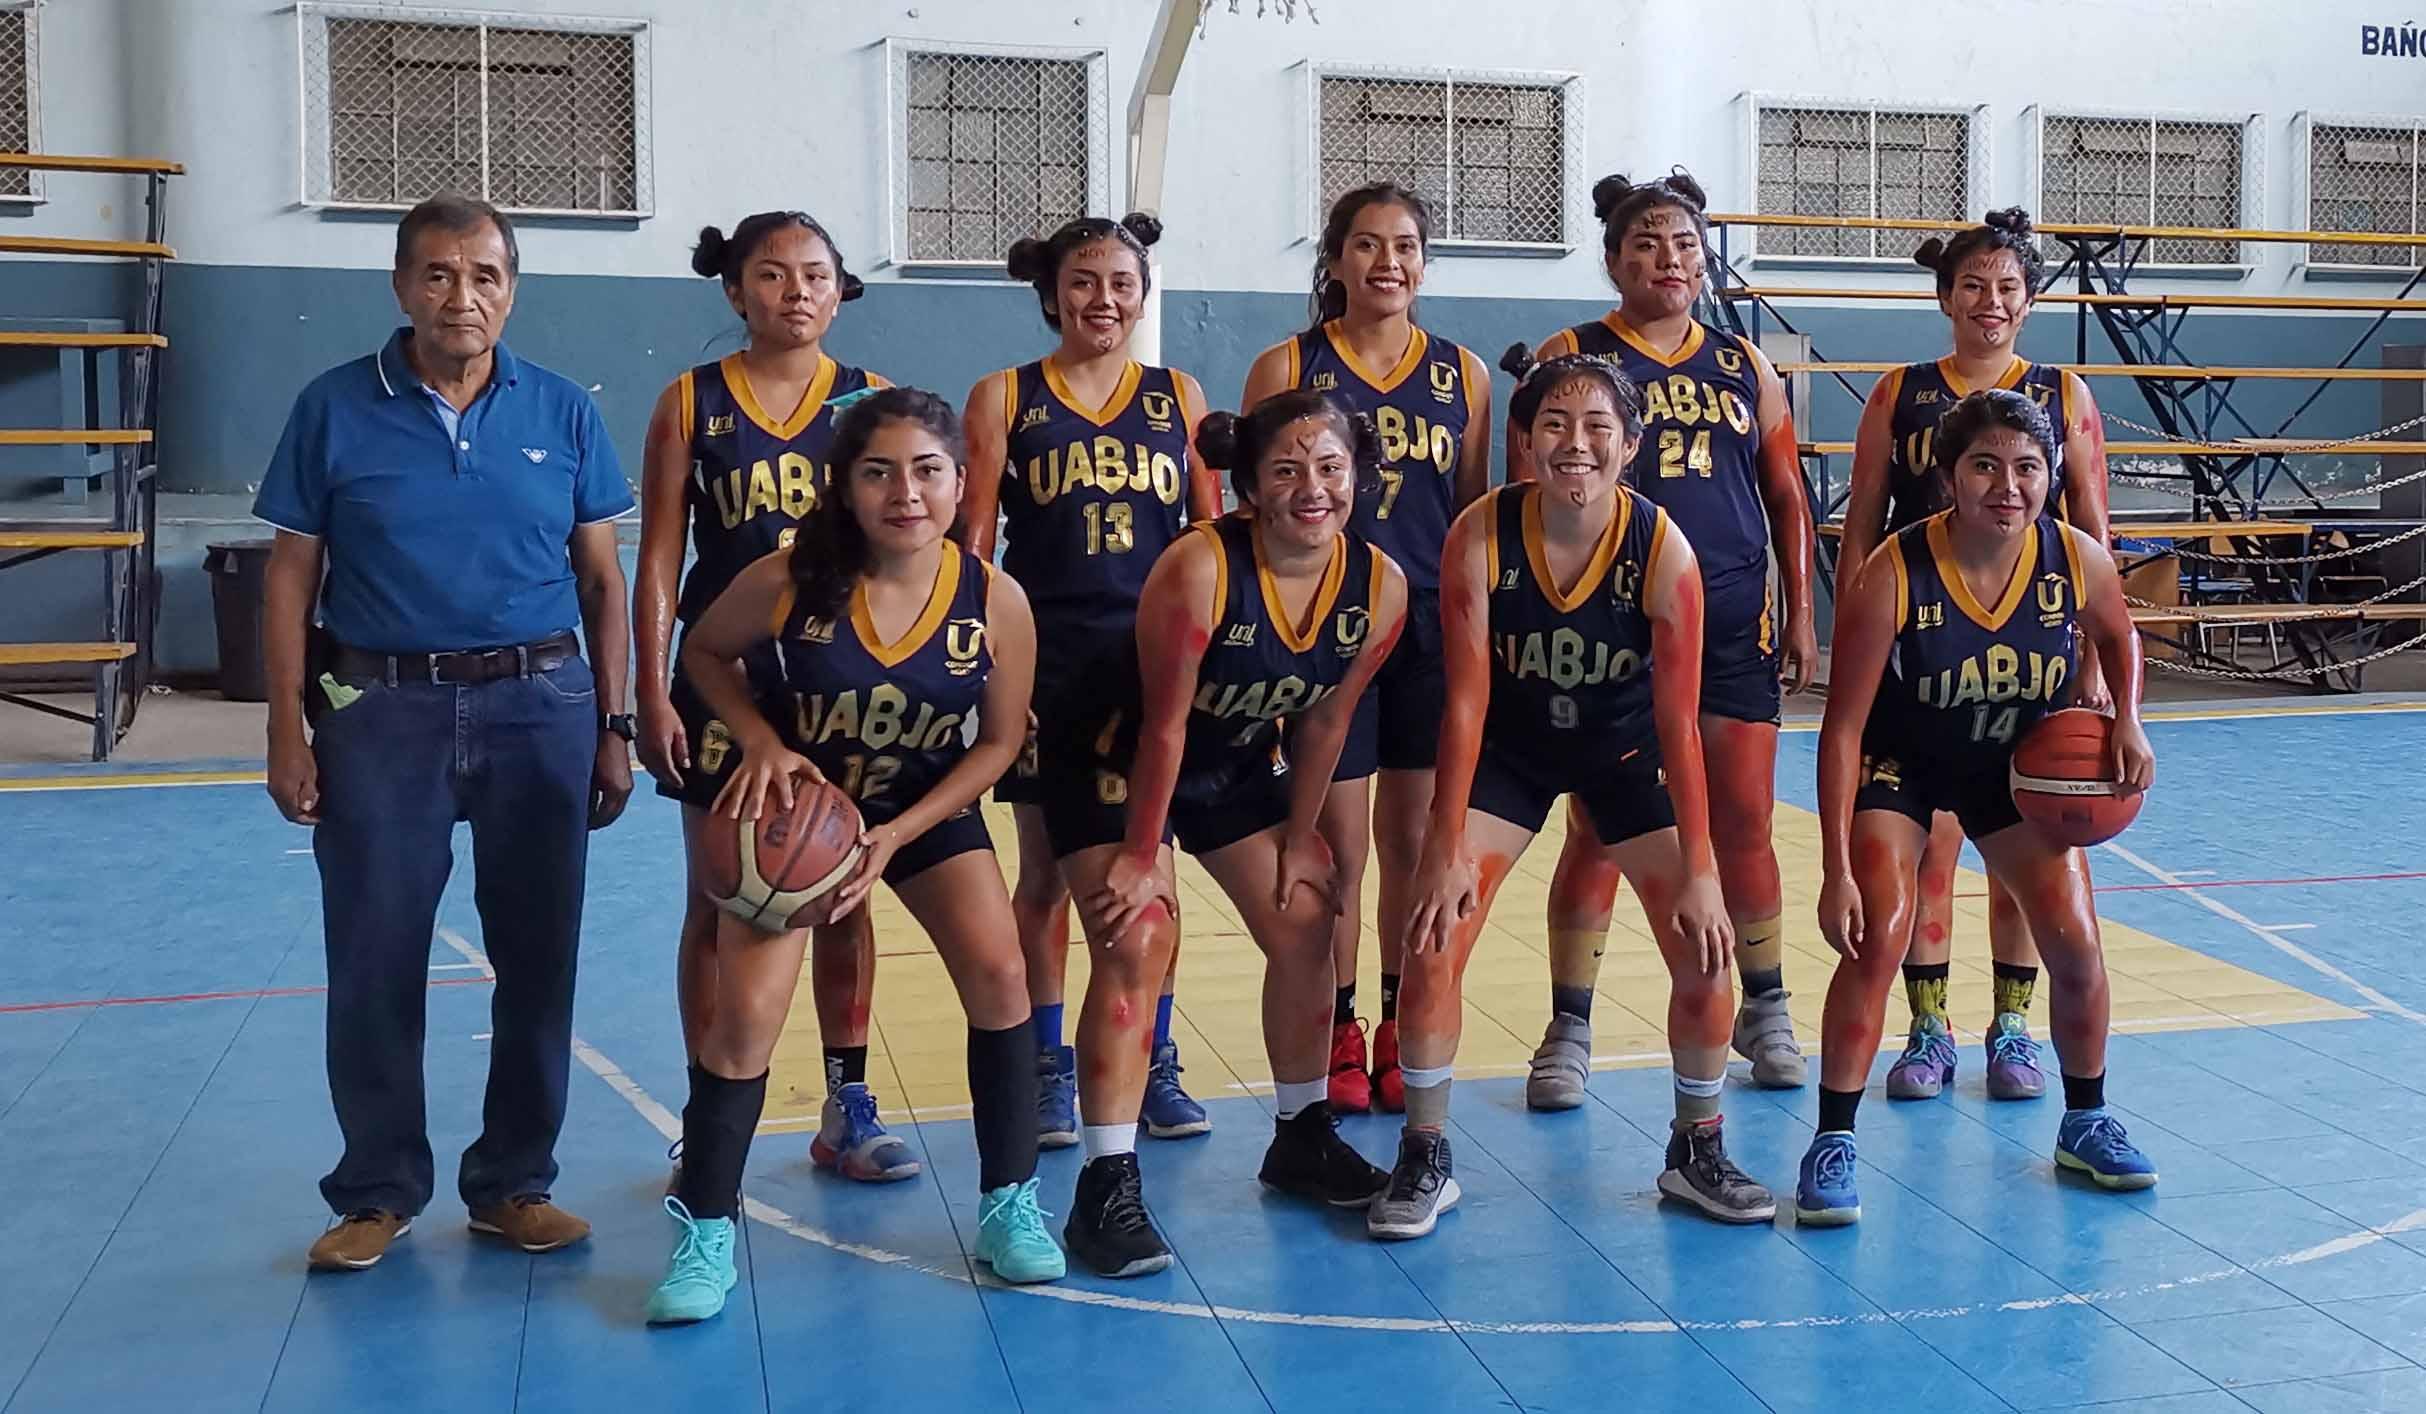 Gavilanes campeones basquetbol 2